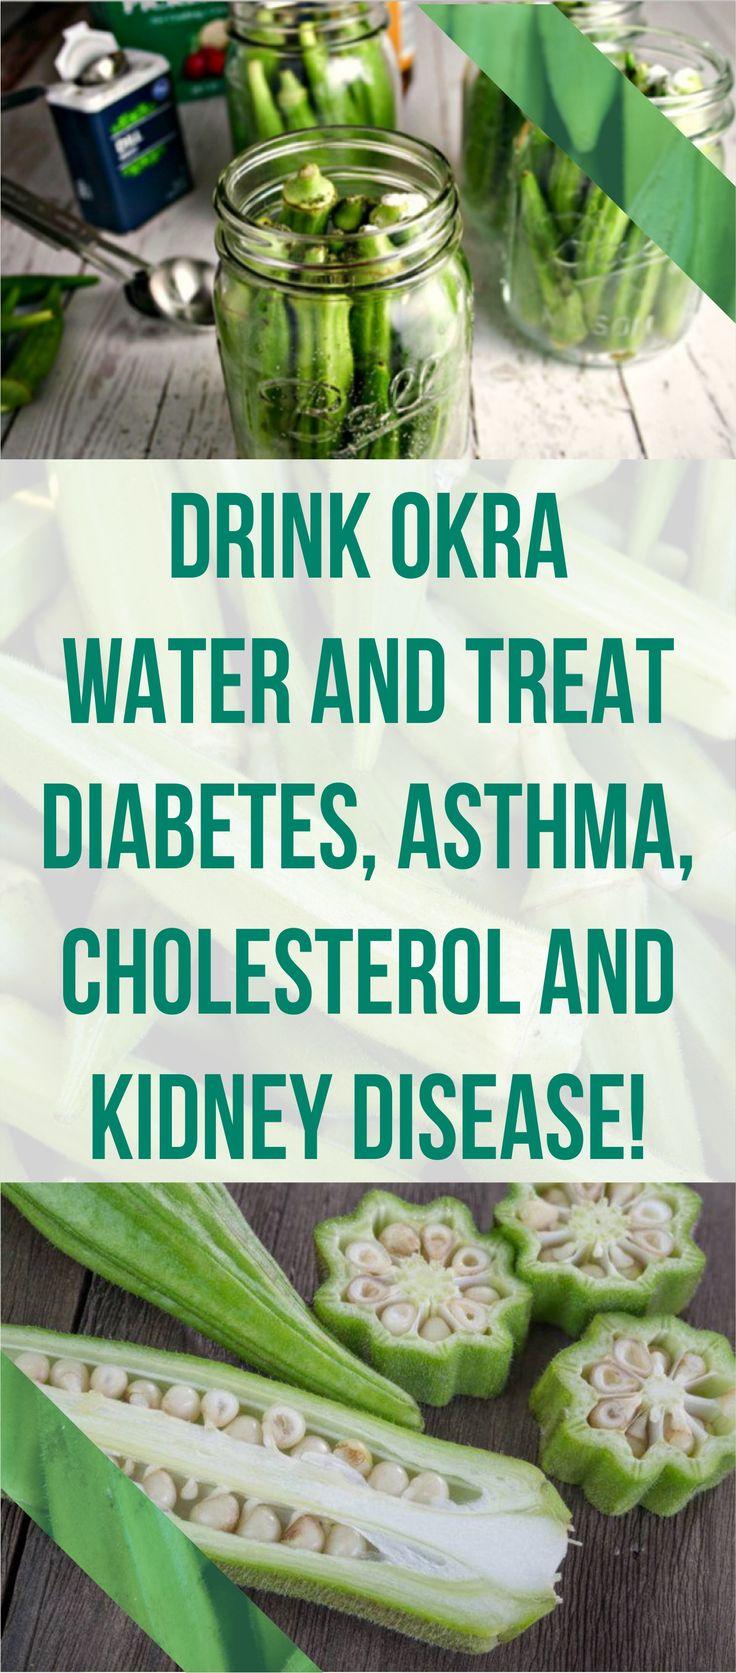 Drink Okra Water And Treat Diabetes, Asthma, Cholesterol And Kidney Disease! #okra #water #diabetes #asthma #cholesterol #kidney #disease Pin this Article #health #remedies #healing